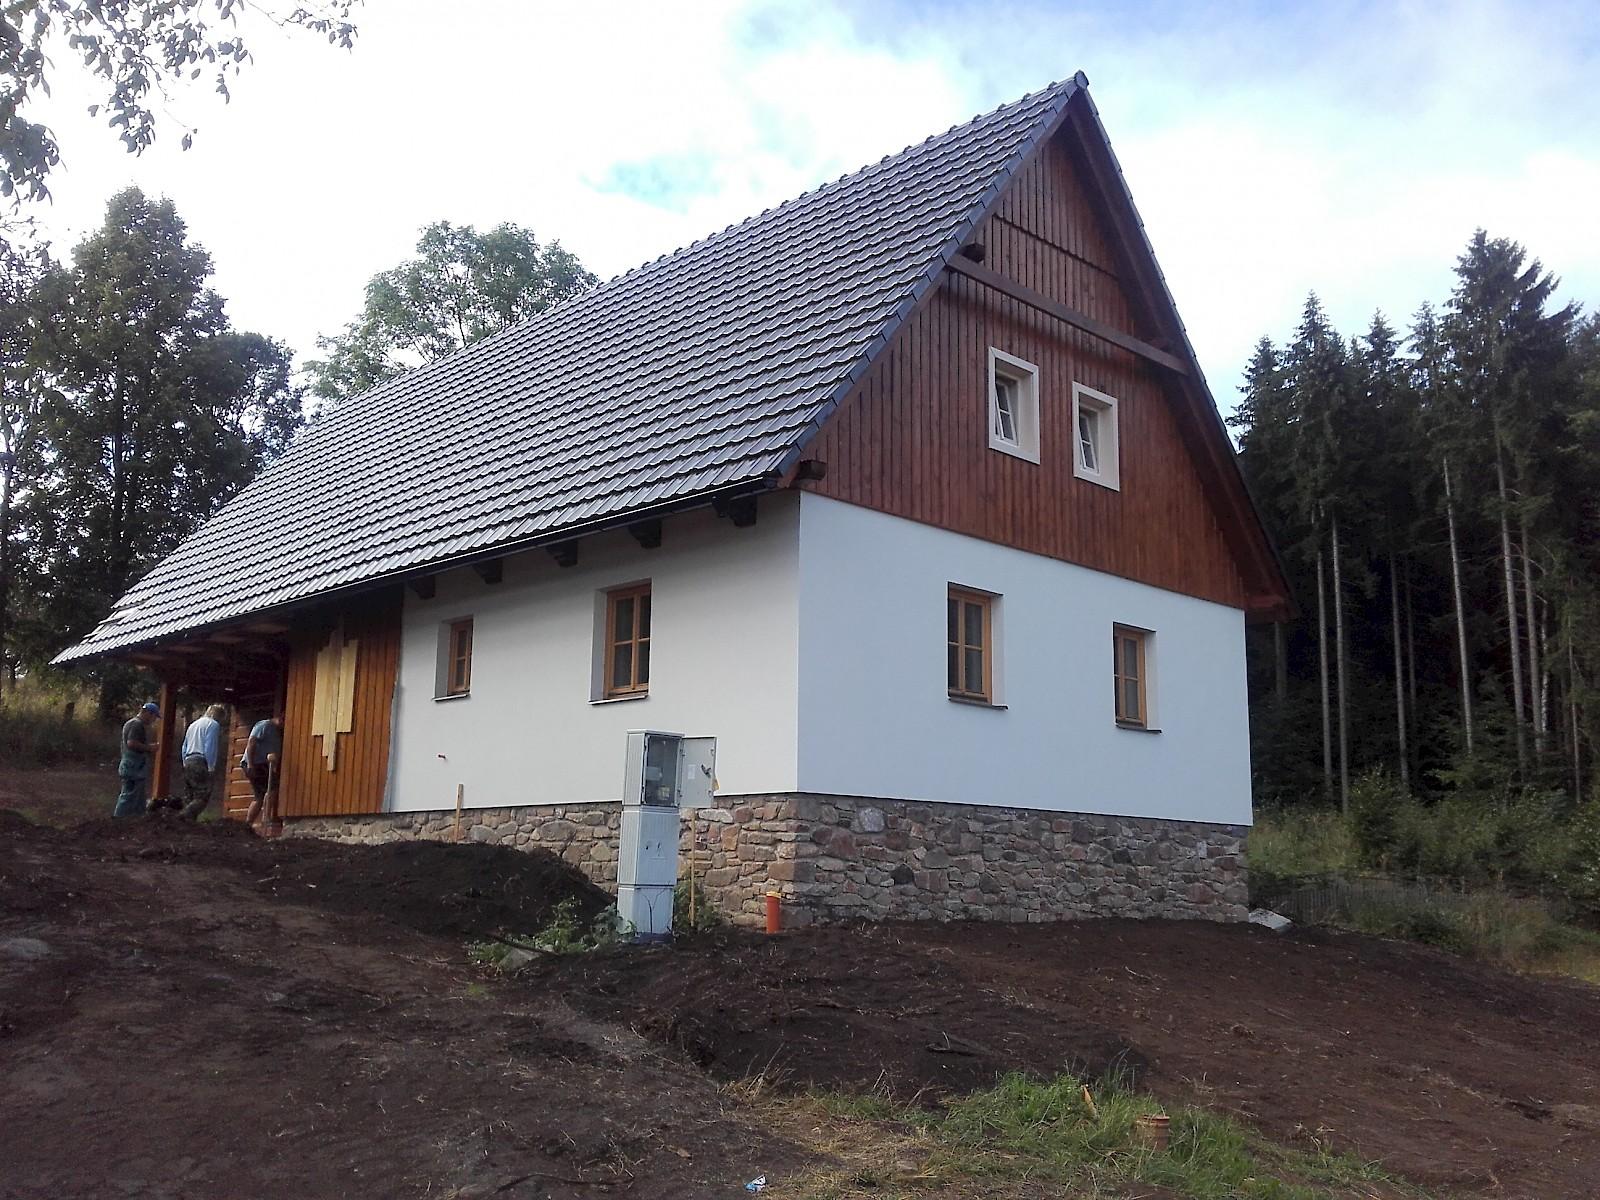 Stavitelství Kudláček s.r.o. - Ukázka našich prací